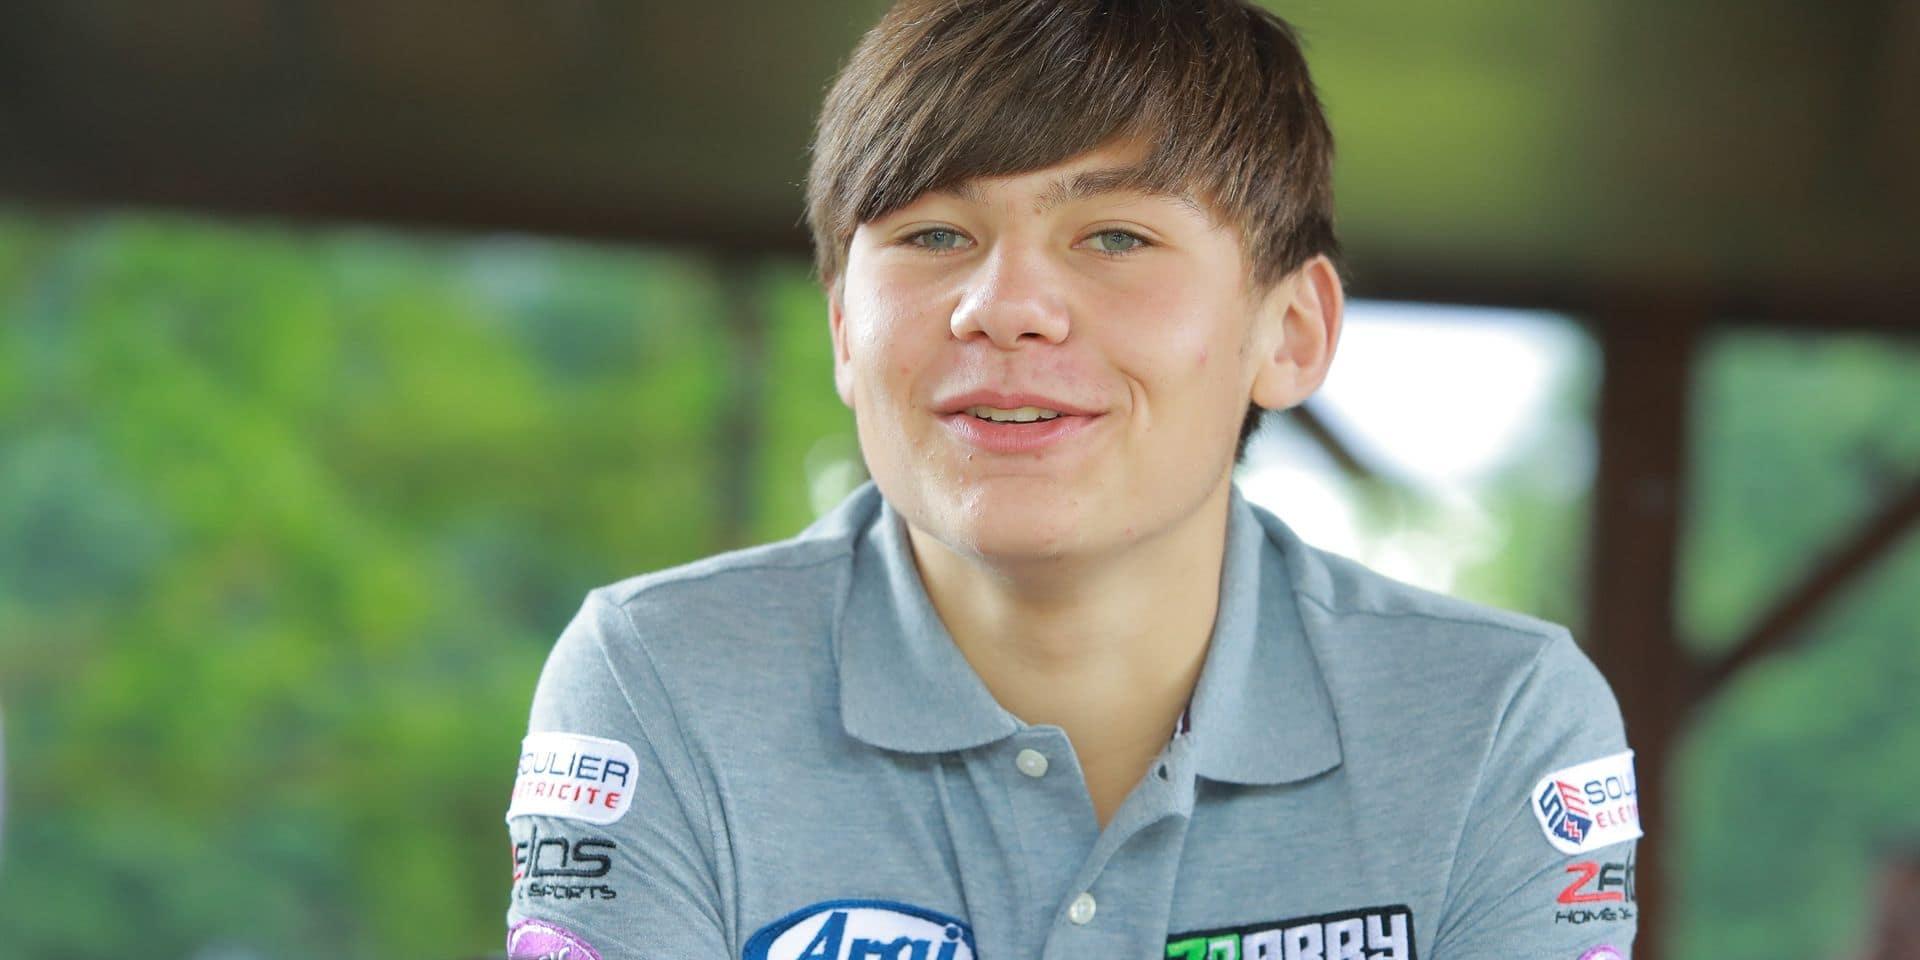 Moto3: Barry Baltus dernier des qualifications au Mans, l'Espagnol Masia en pole